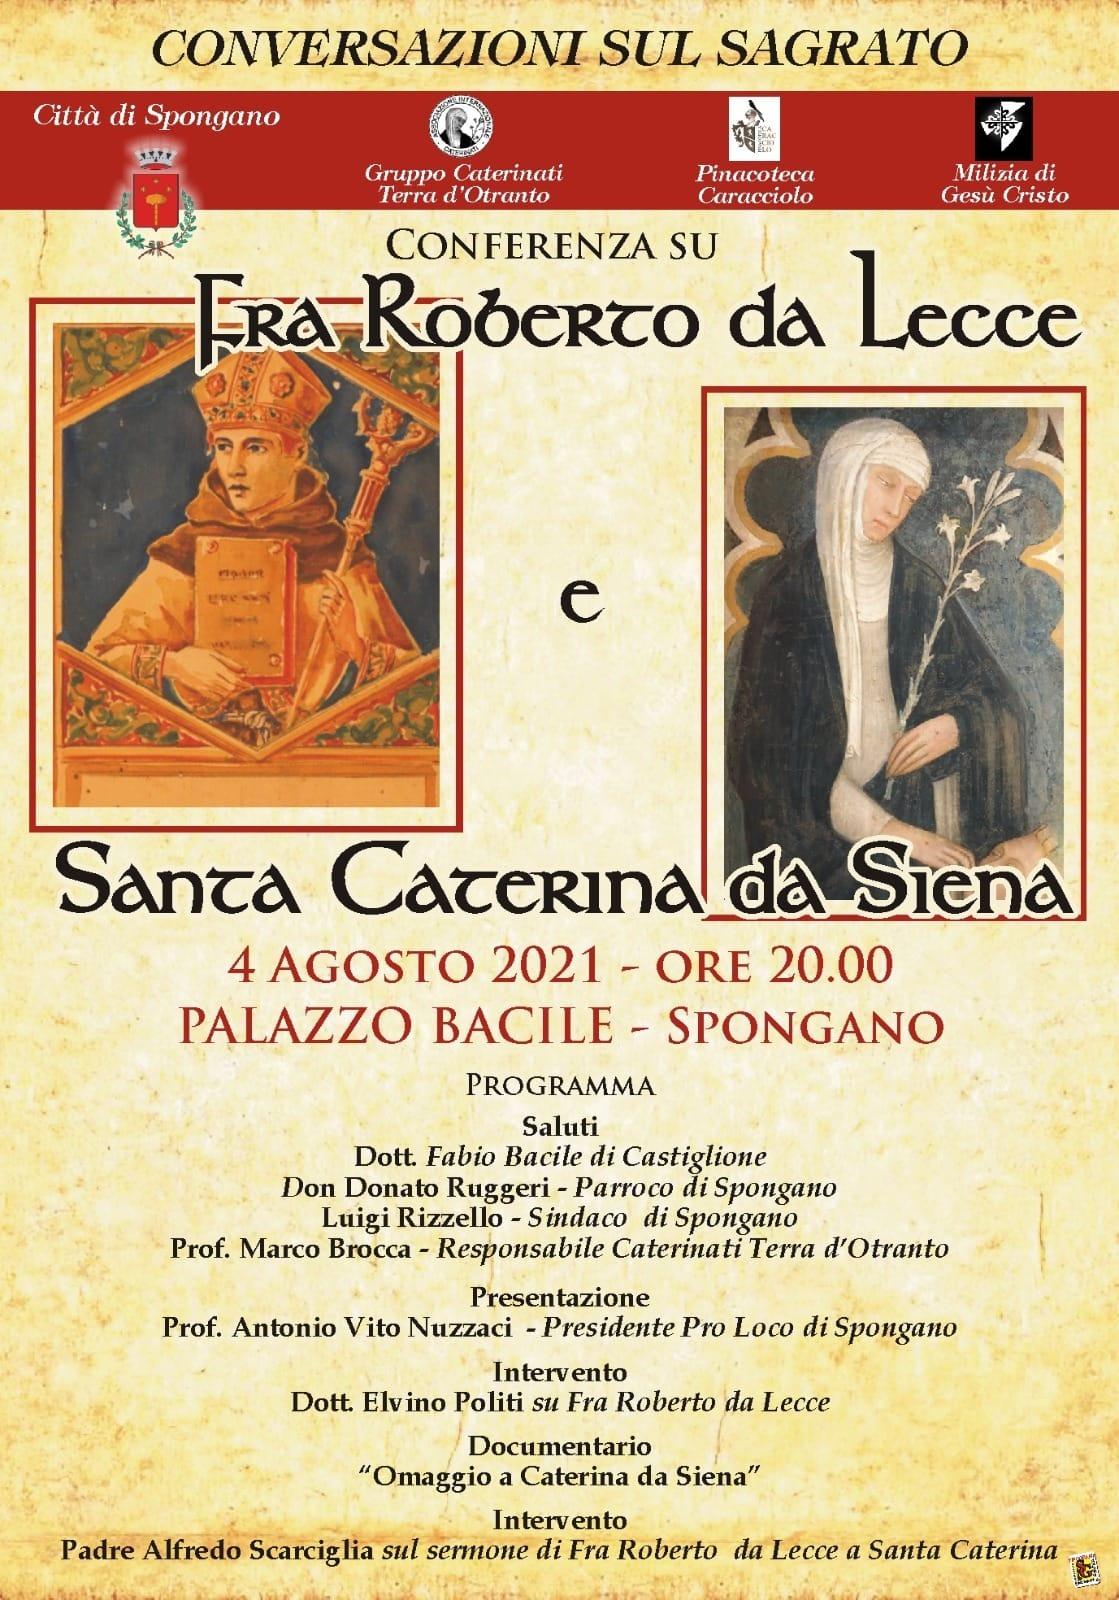 Frà Roberto da Lecce e Santa Caterina da Siena